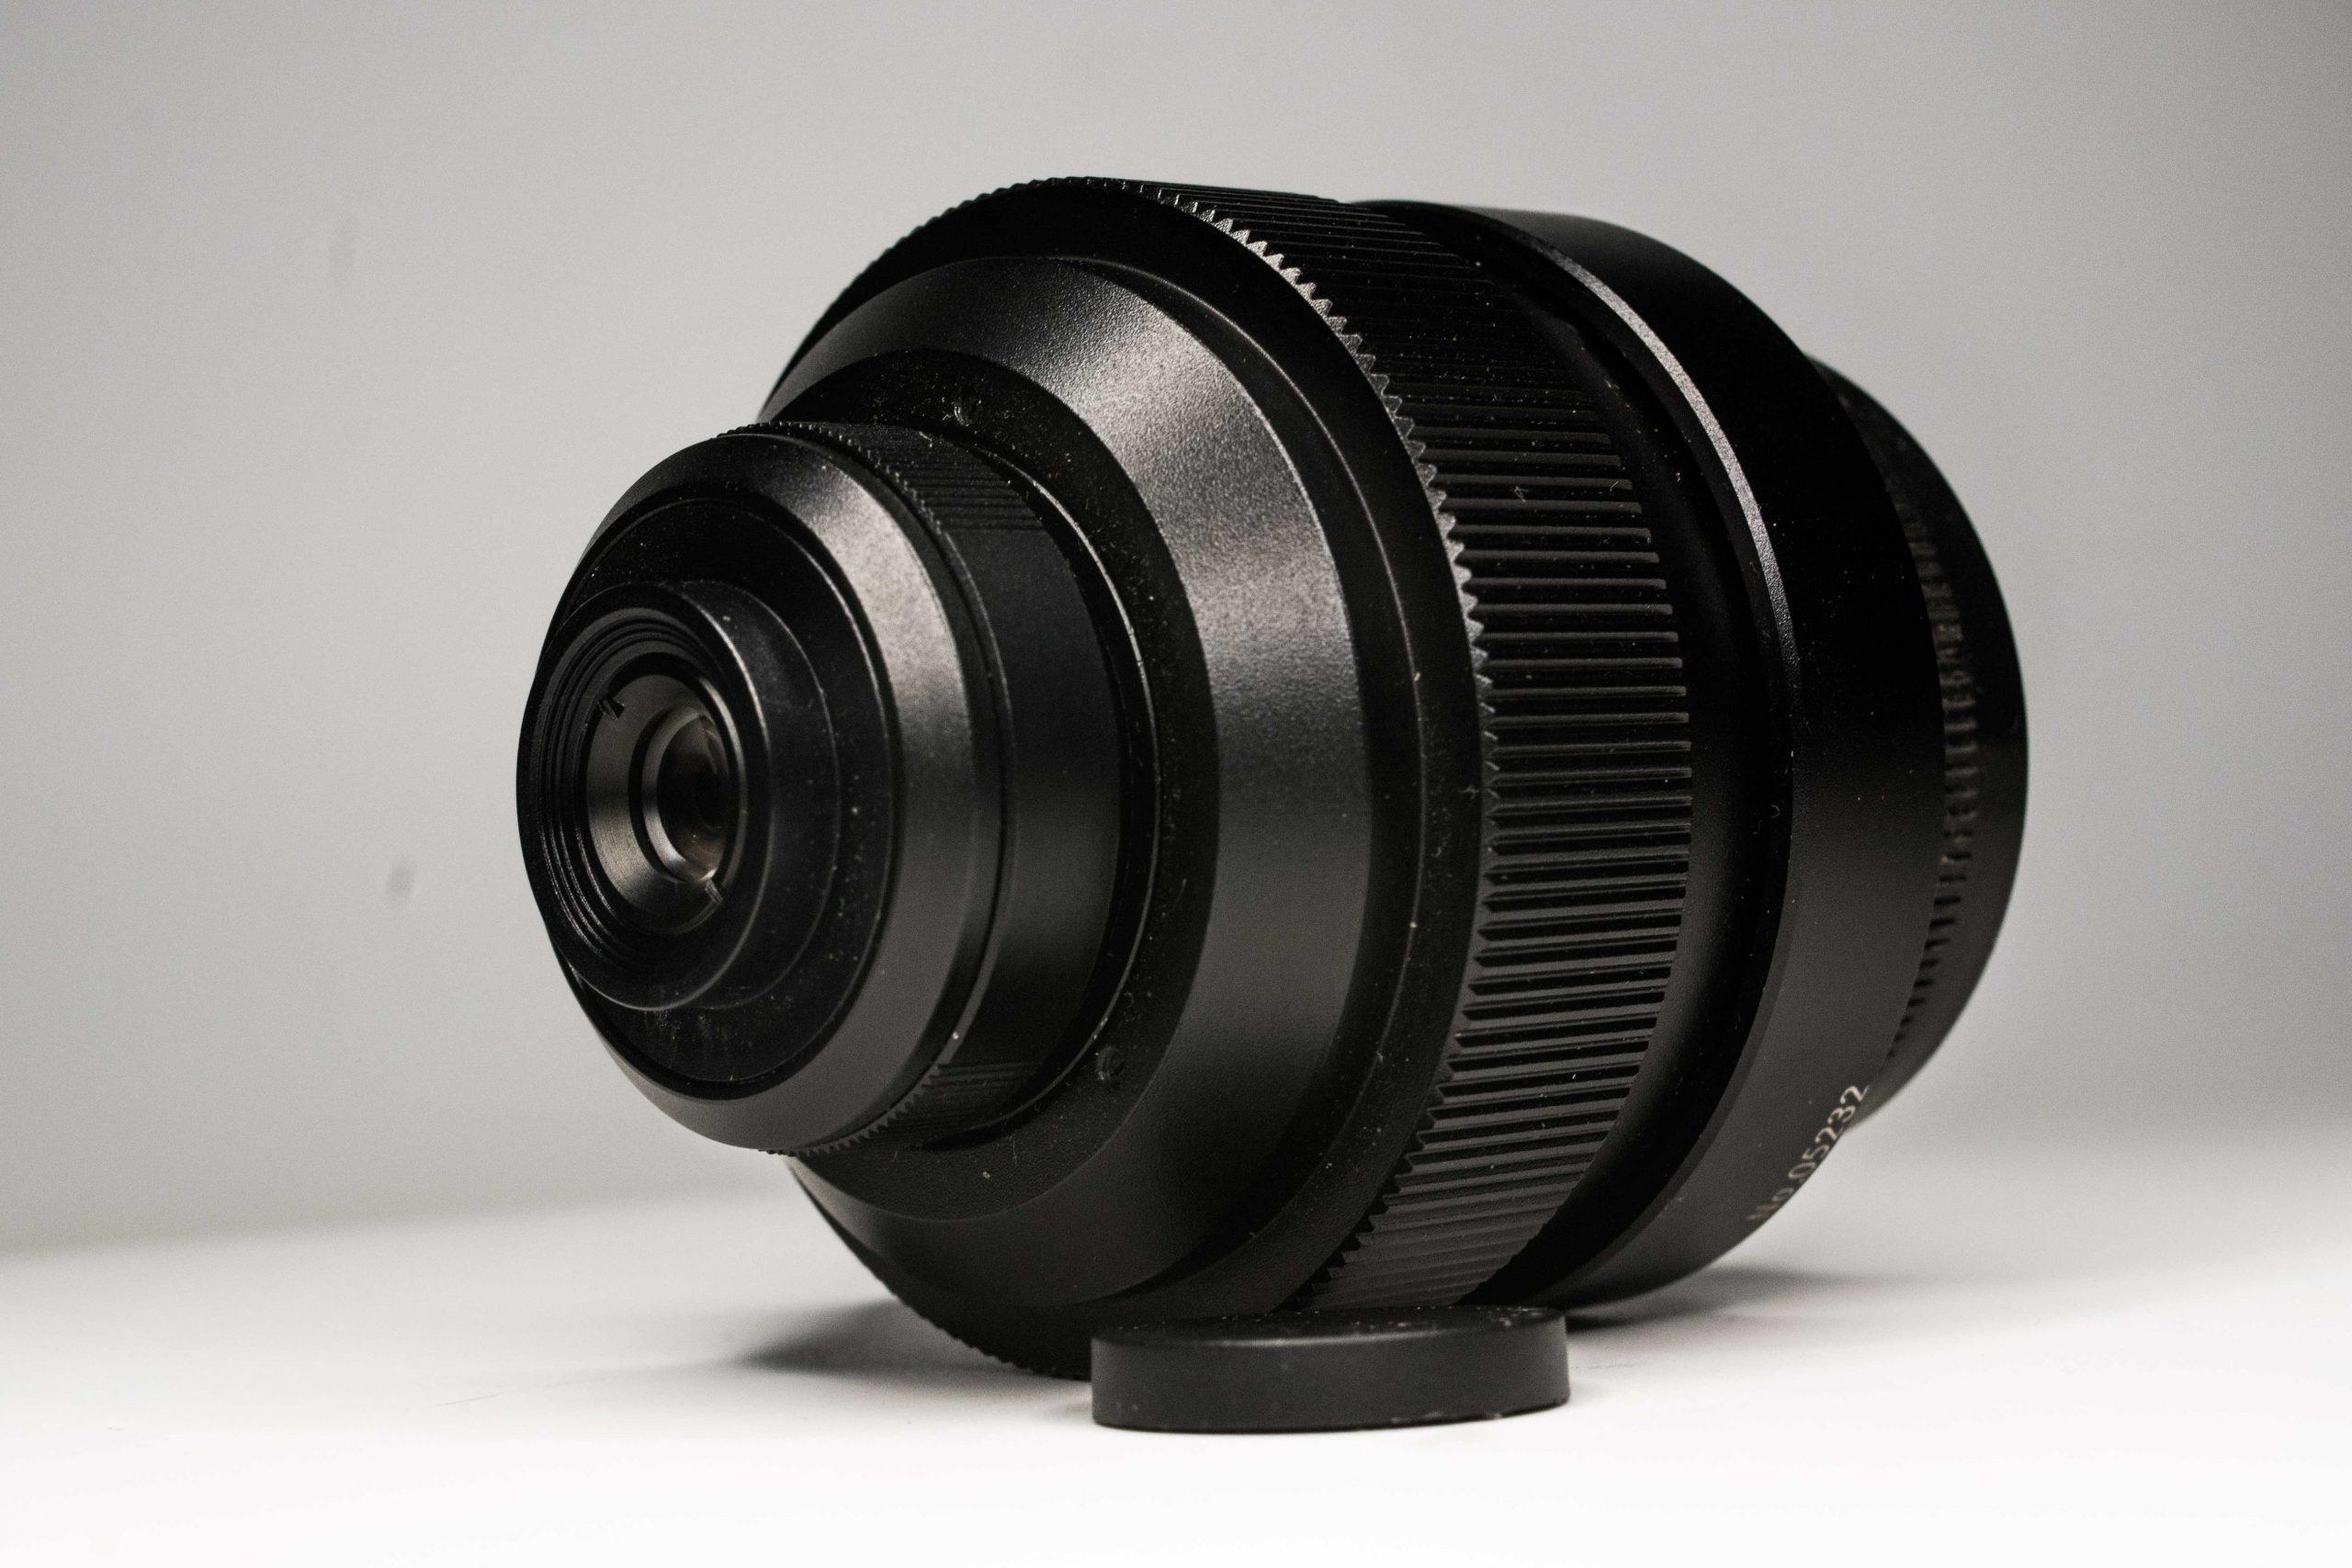 Mitakon Zhongyi 20mm Super Macro Lens